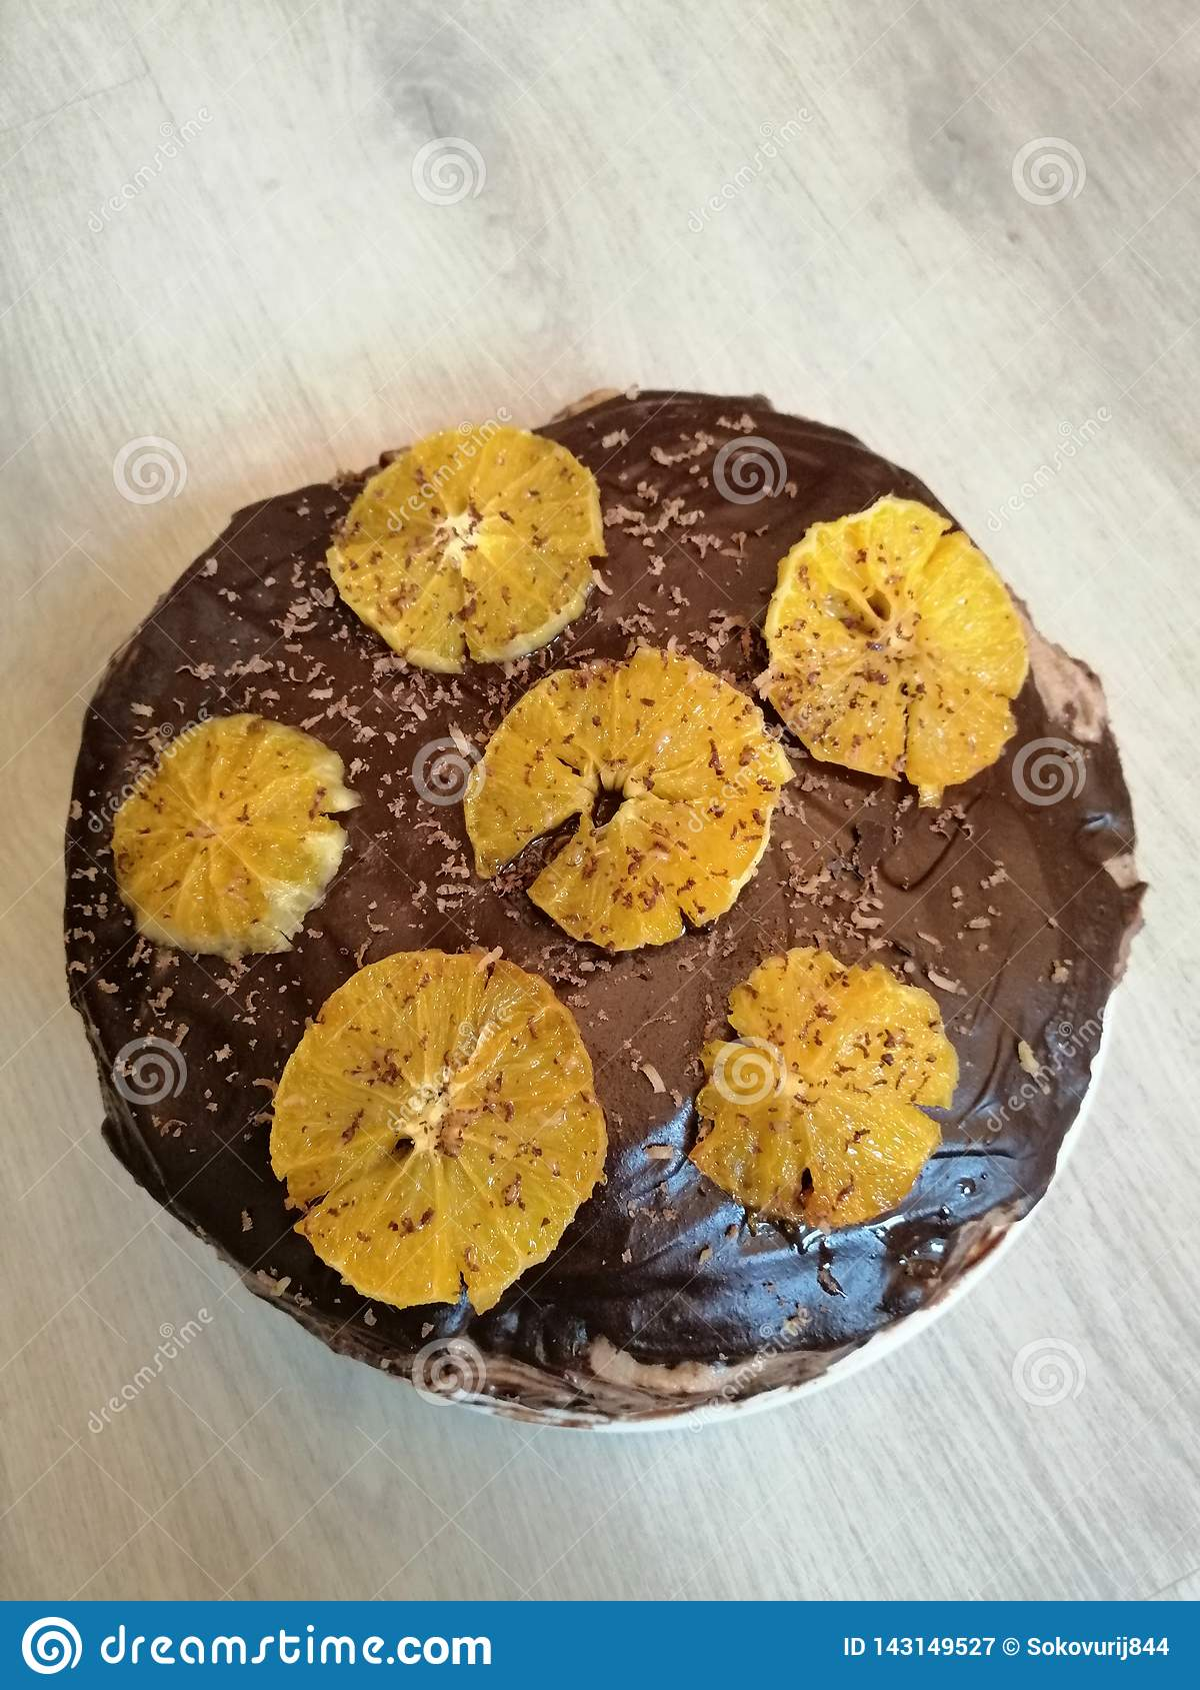 Украшенный шоколадный торт с апельсинами на доске